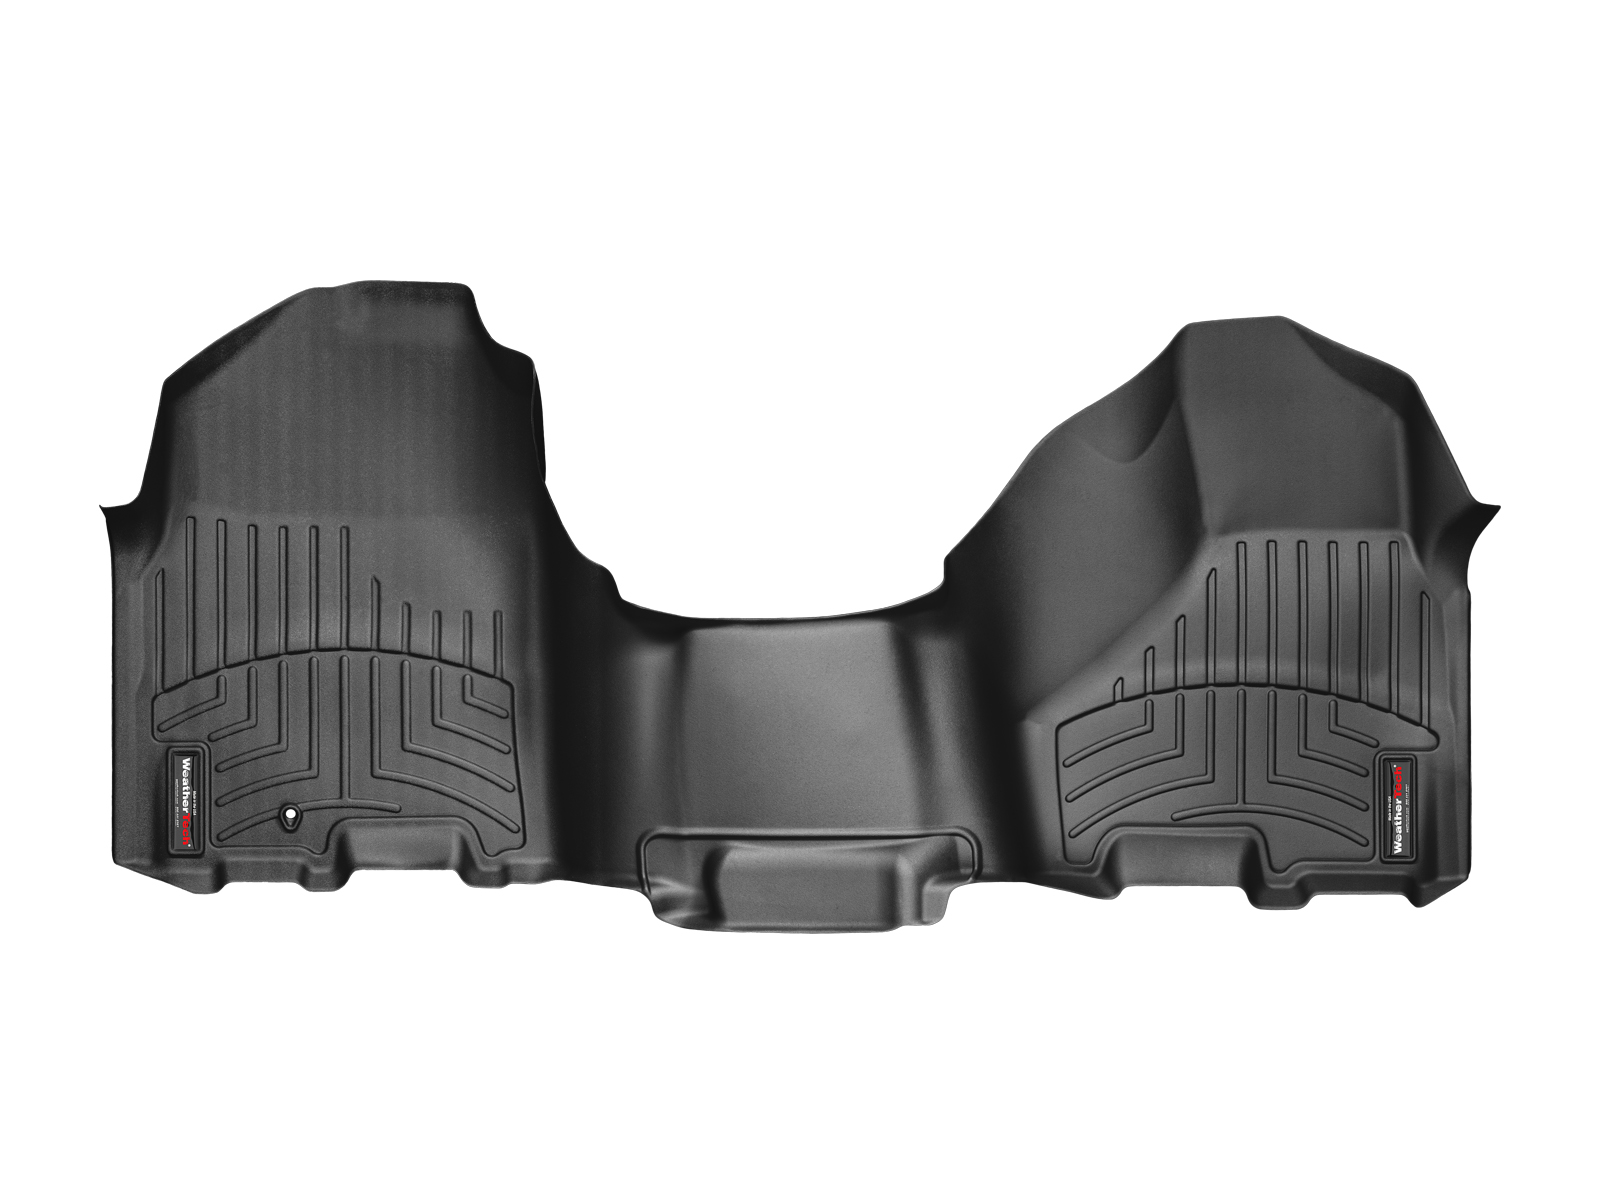 Tappeti gomma su misura bordo alto RAM Ram 2500/3500 12>12 Nero A3215